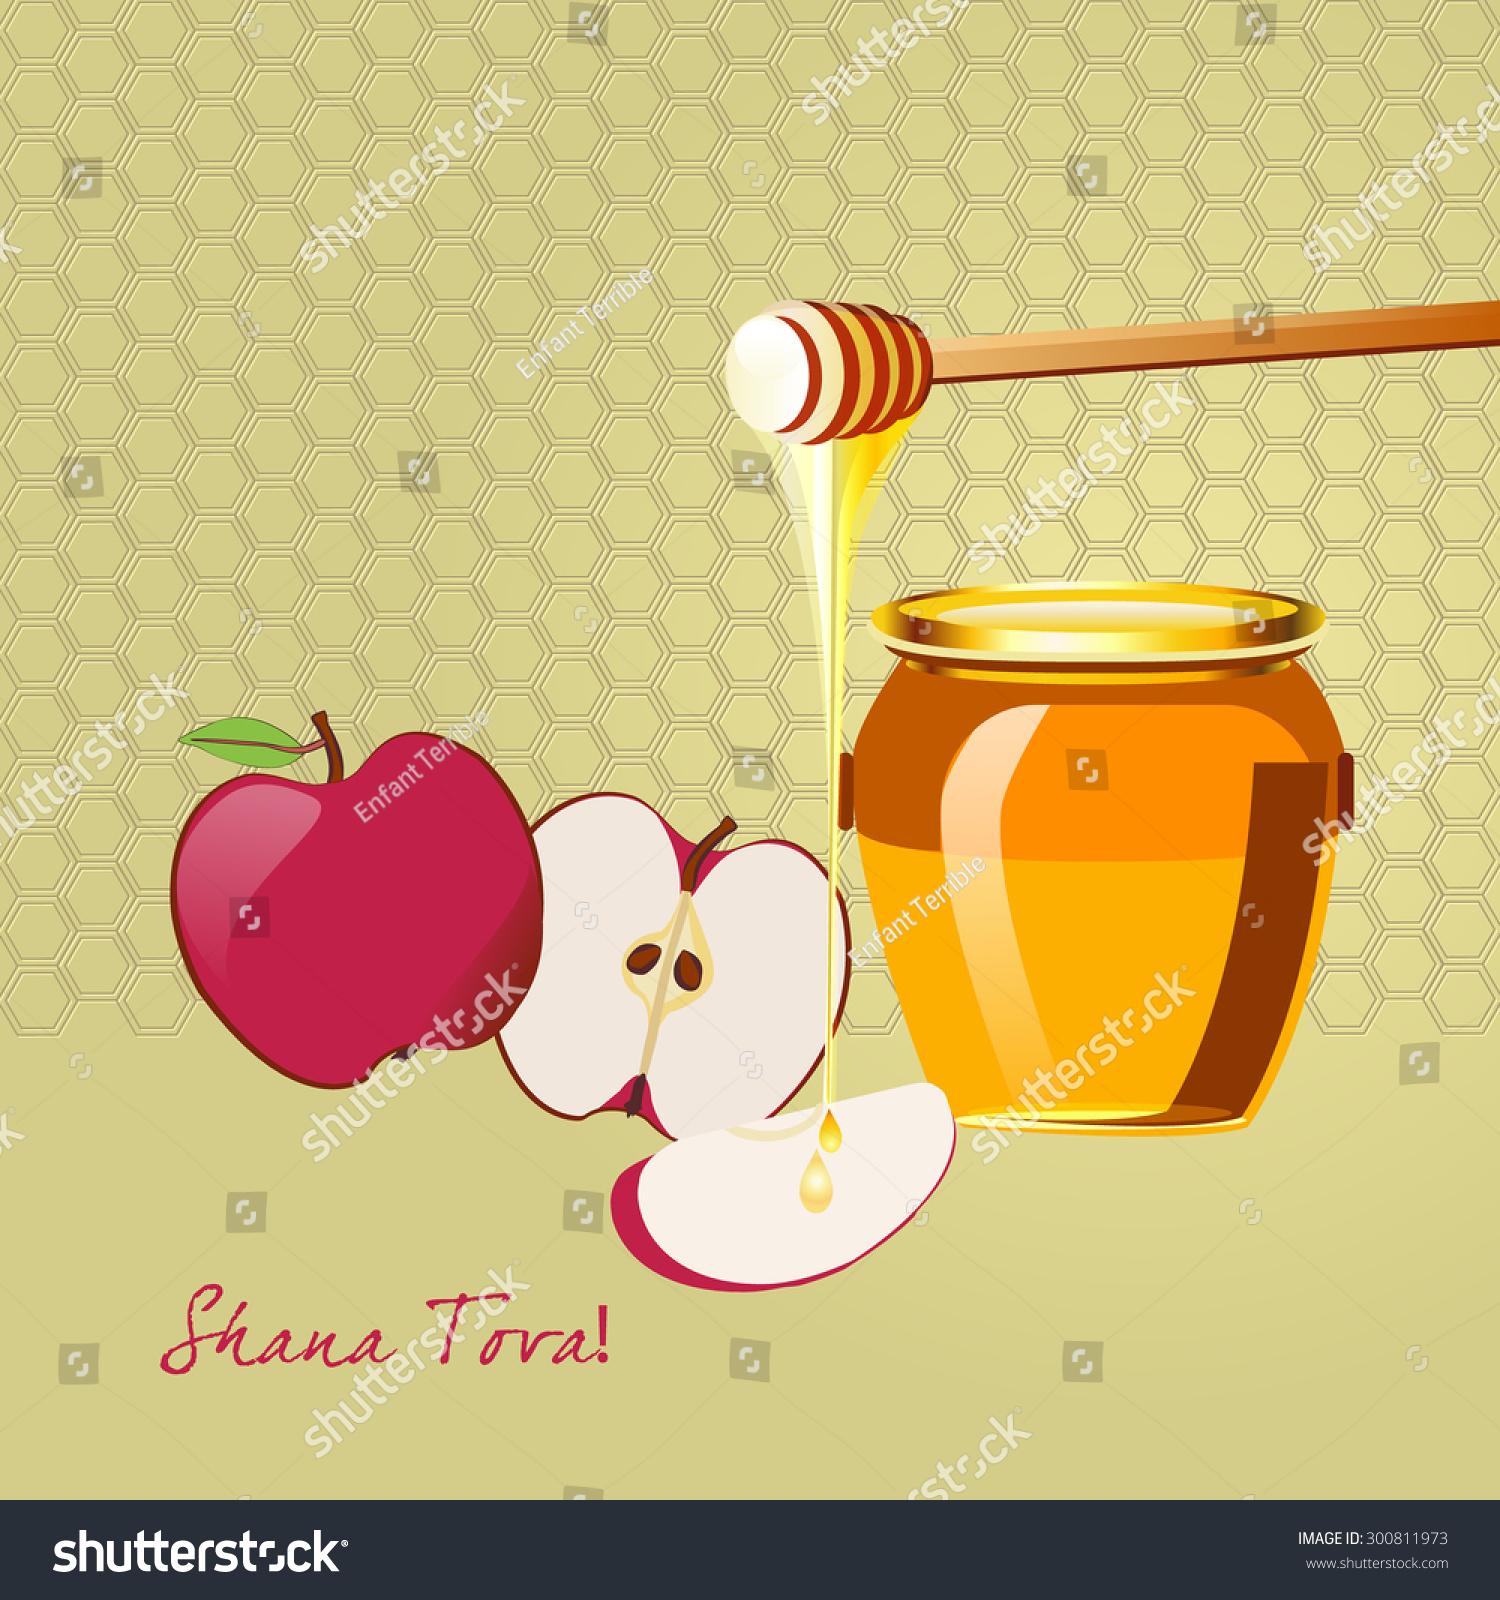 honey jar dipper red apples greeting stock vector 300811973